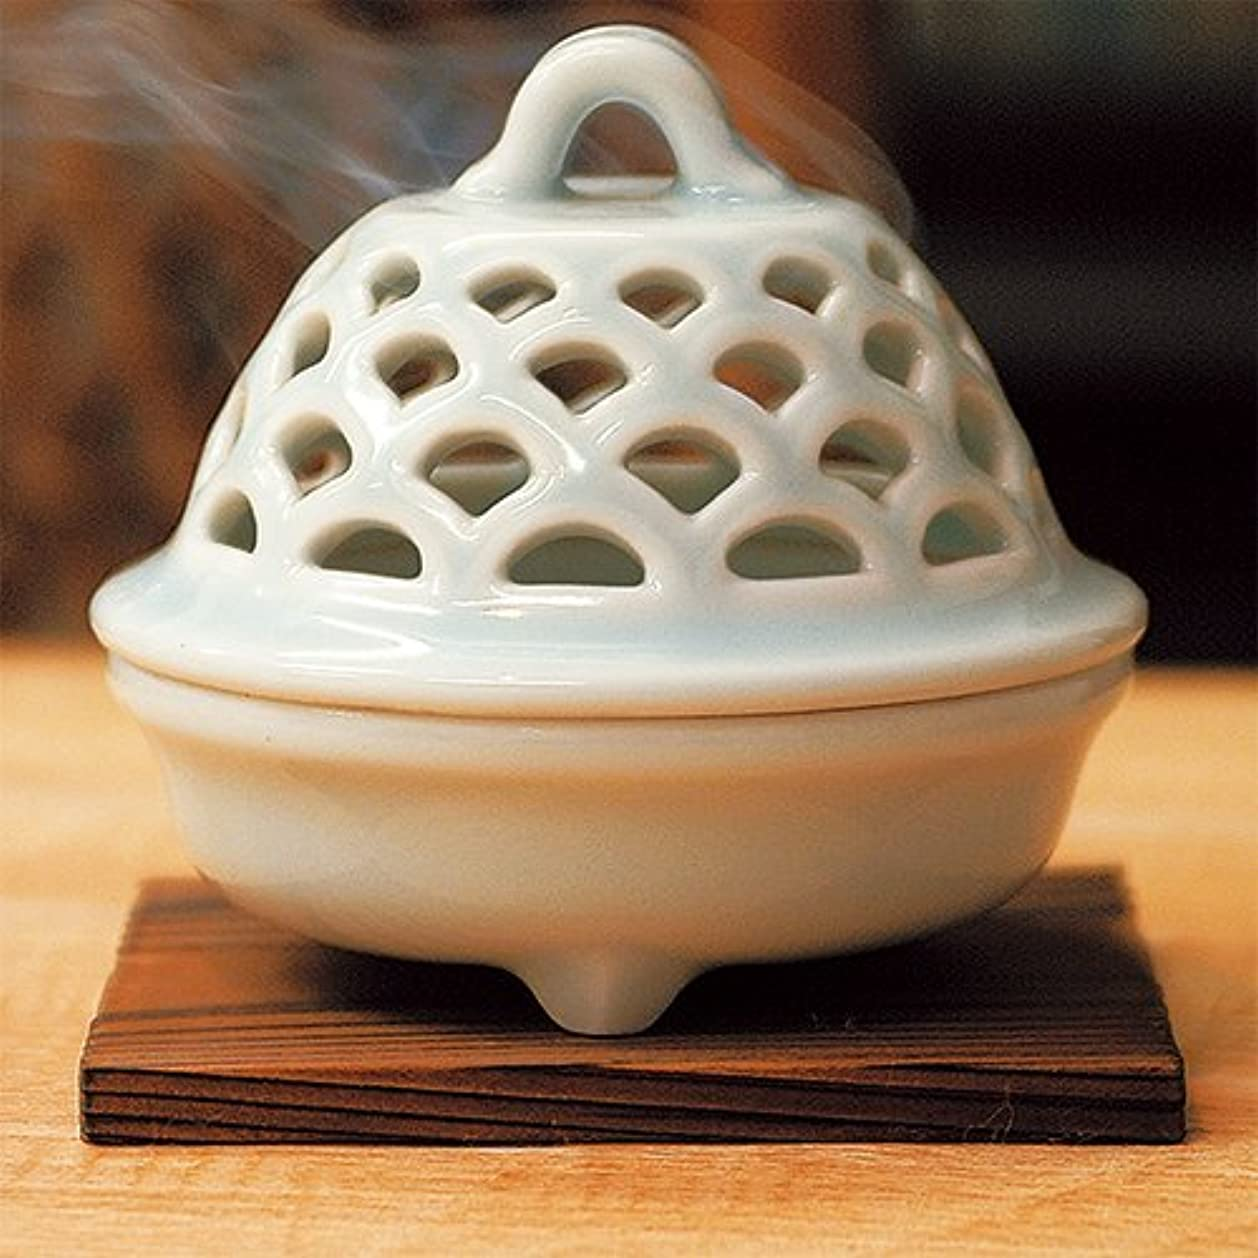 妊娠した価値下香炉 青磁 透し彫り 香炉 [R9.5xH9cm] プレゼント ギフト 和食器 かわいい インテリア